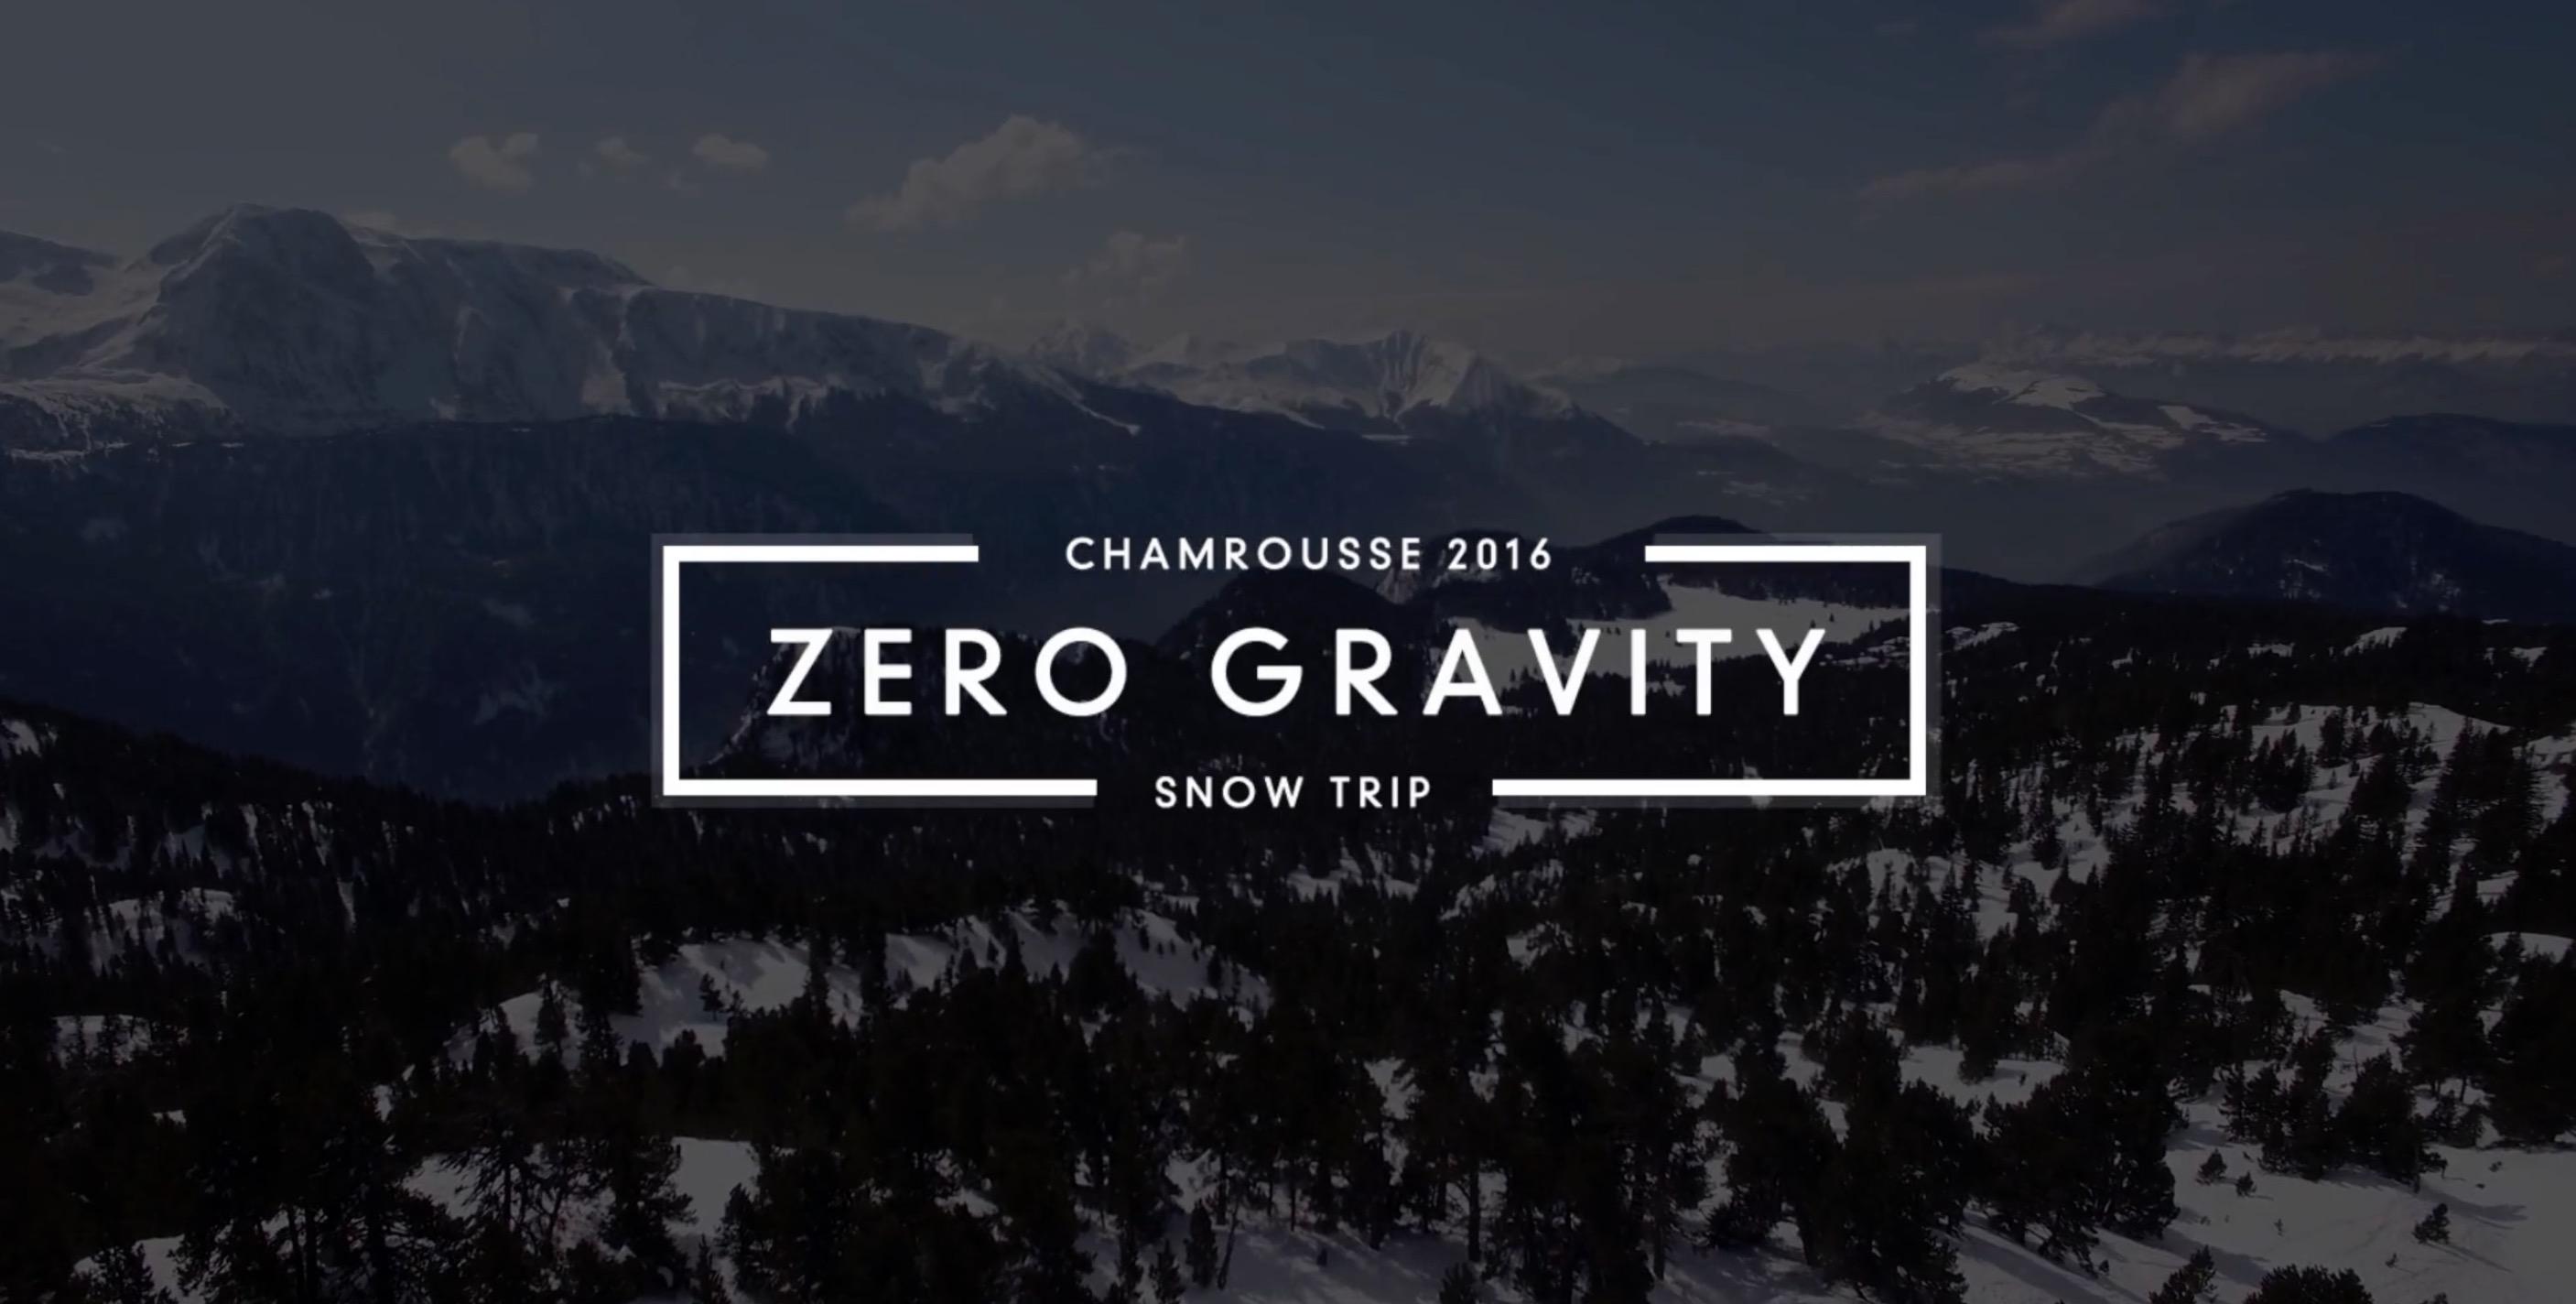 jak robic video zero gravity bo fajnie jest